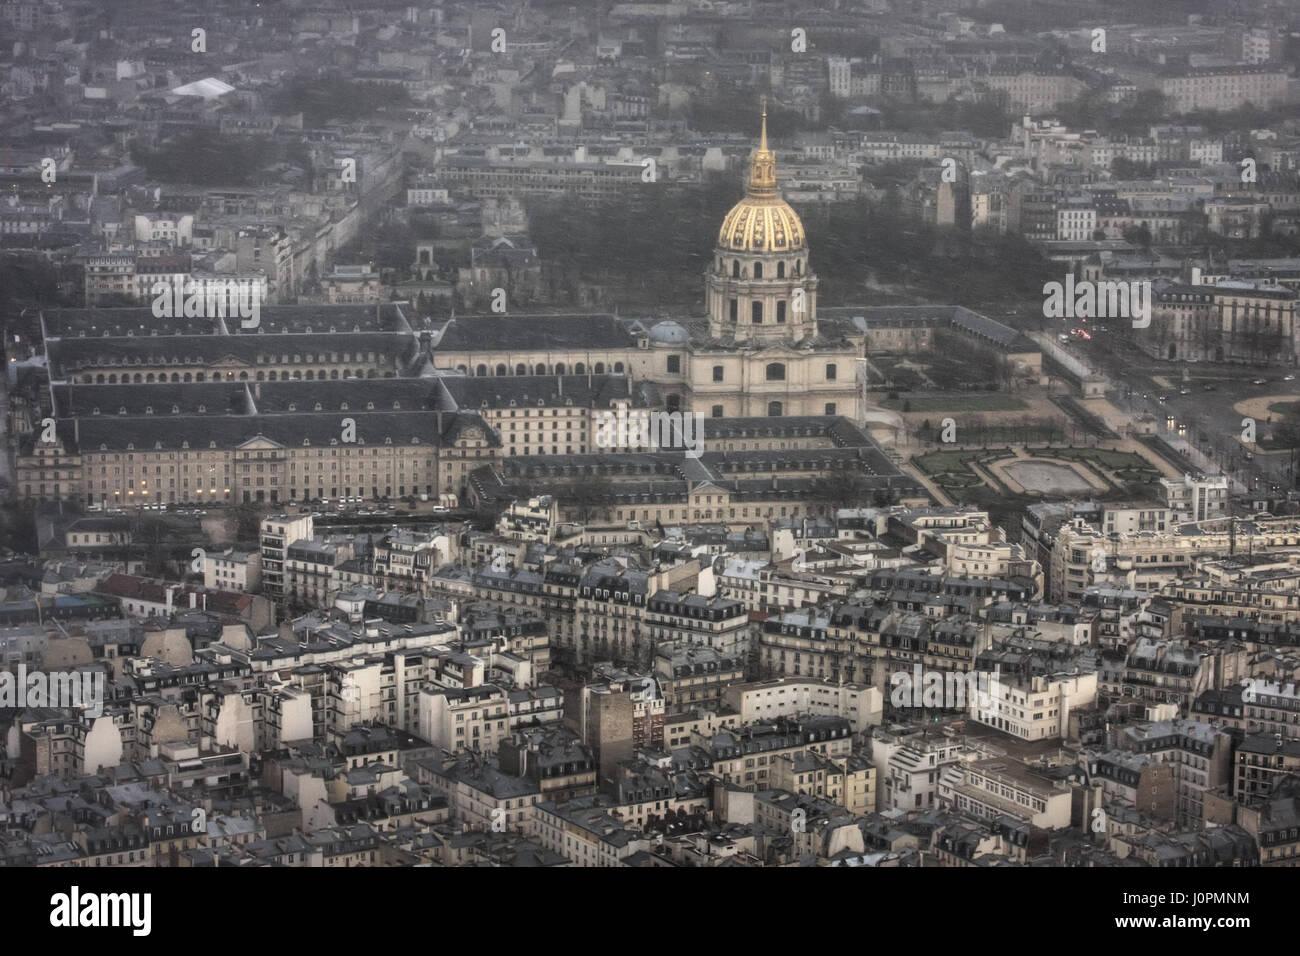 L'hôtel national des invalides pendant une tempête de neige de printemps. Paris. France Photo Stock